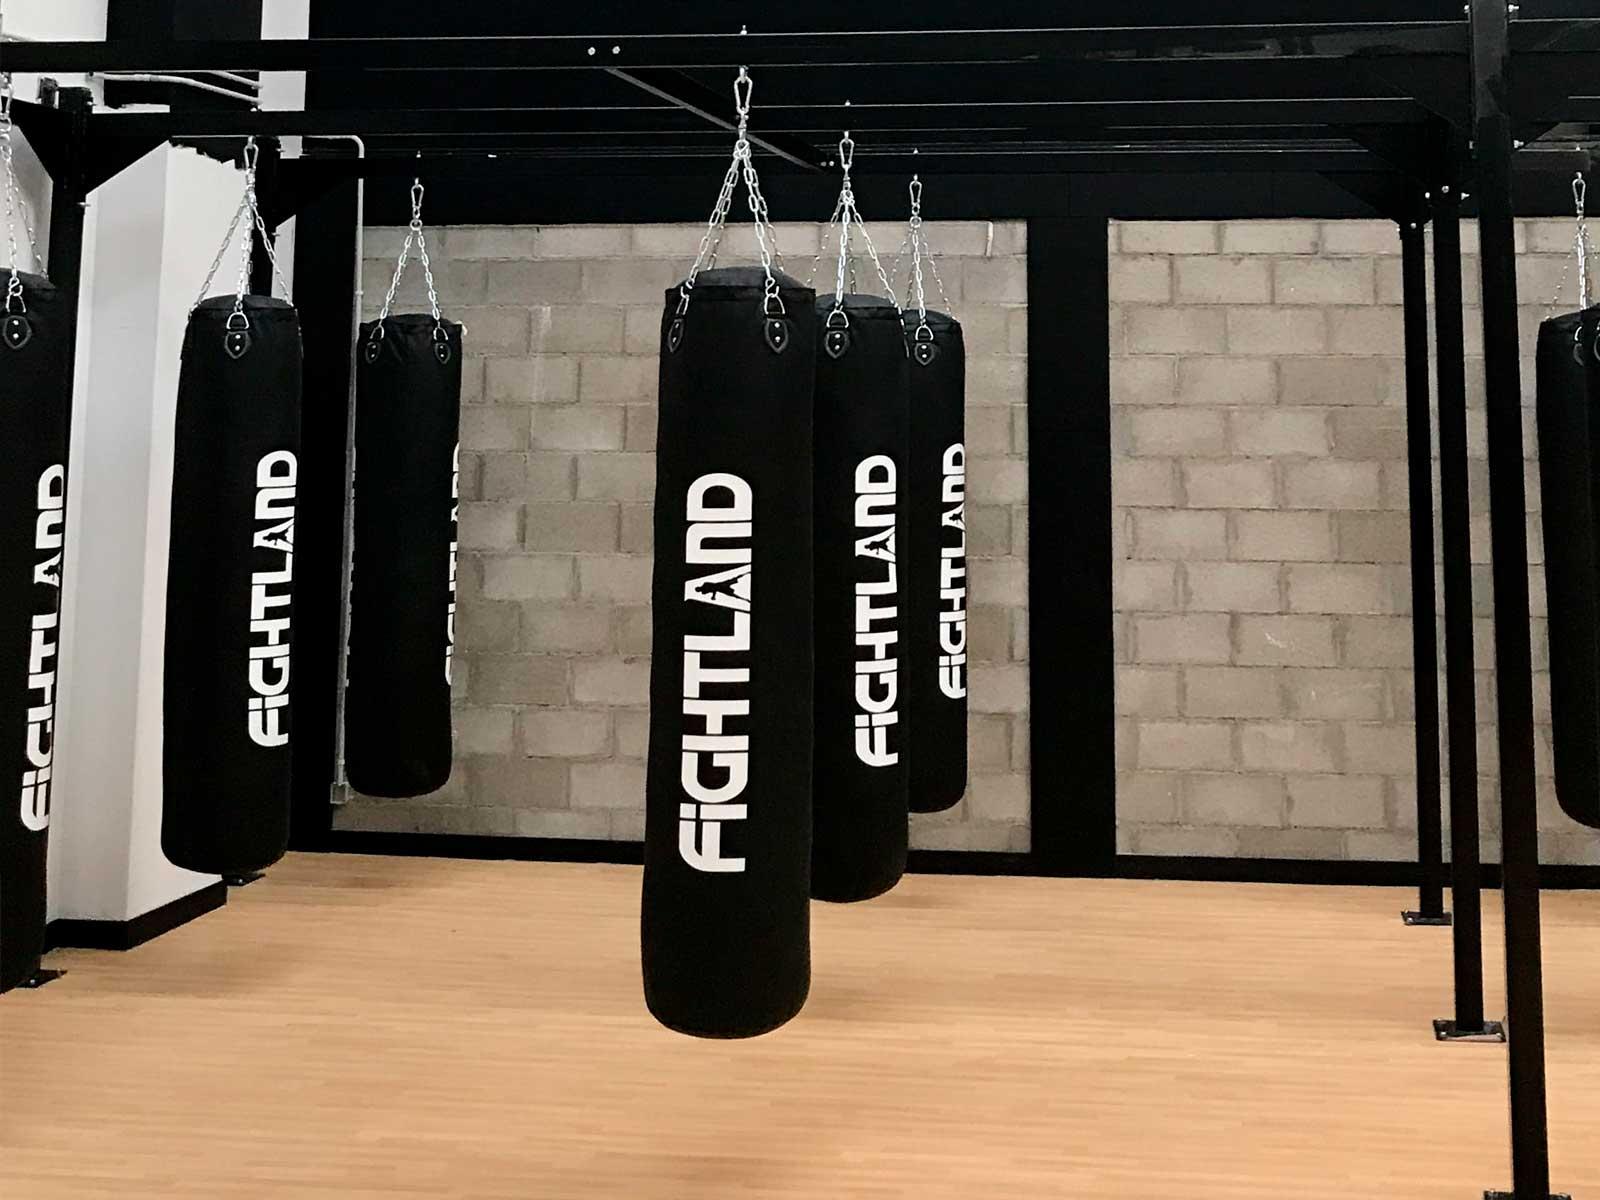 clases de boxeo en madrid hermosilla